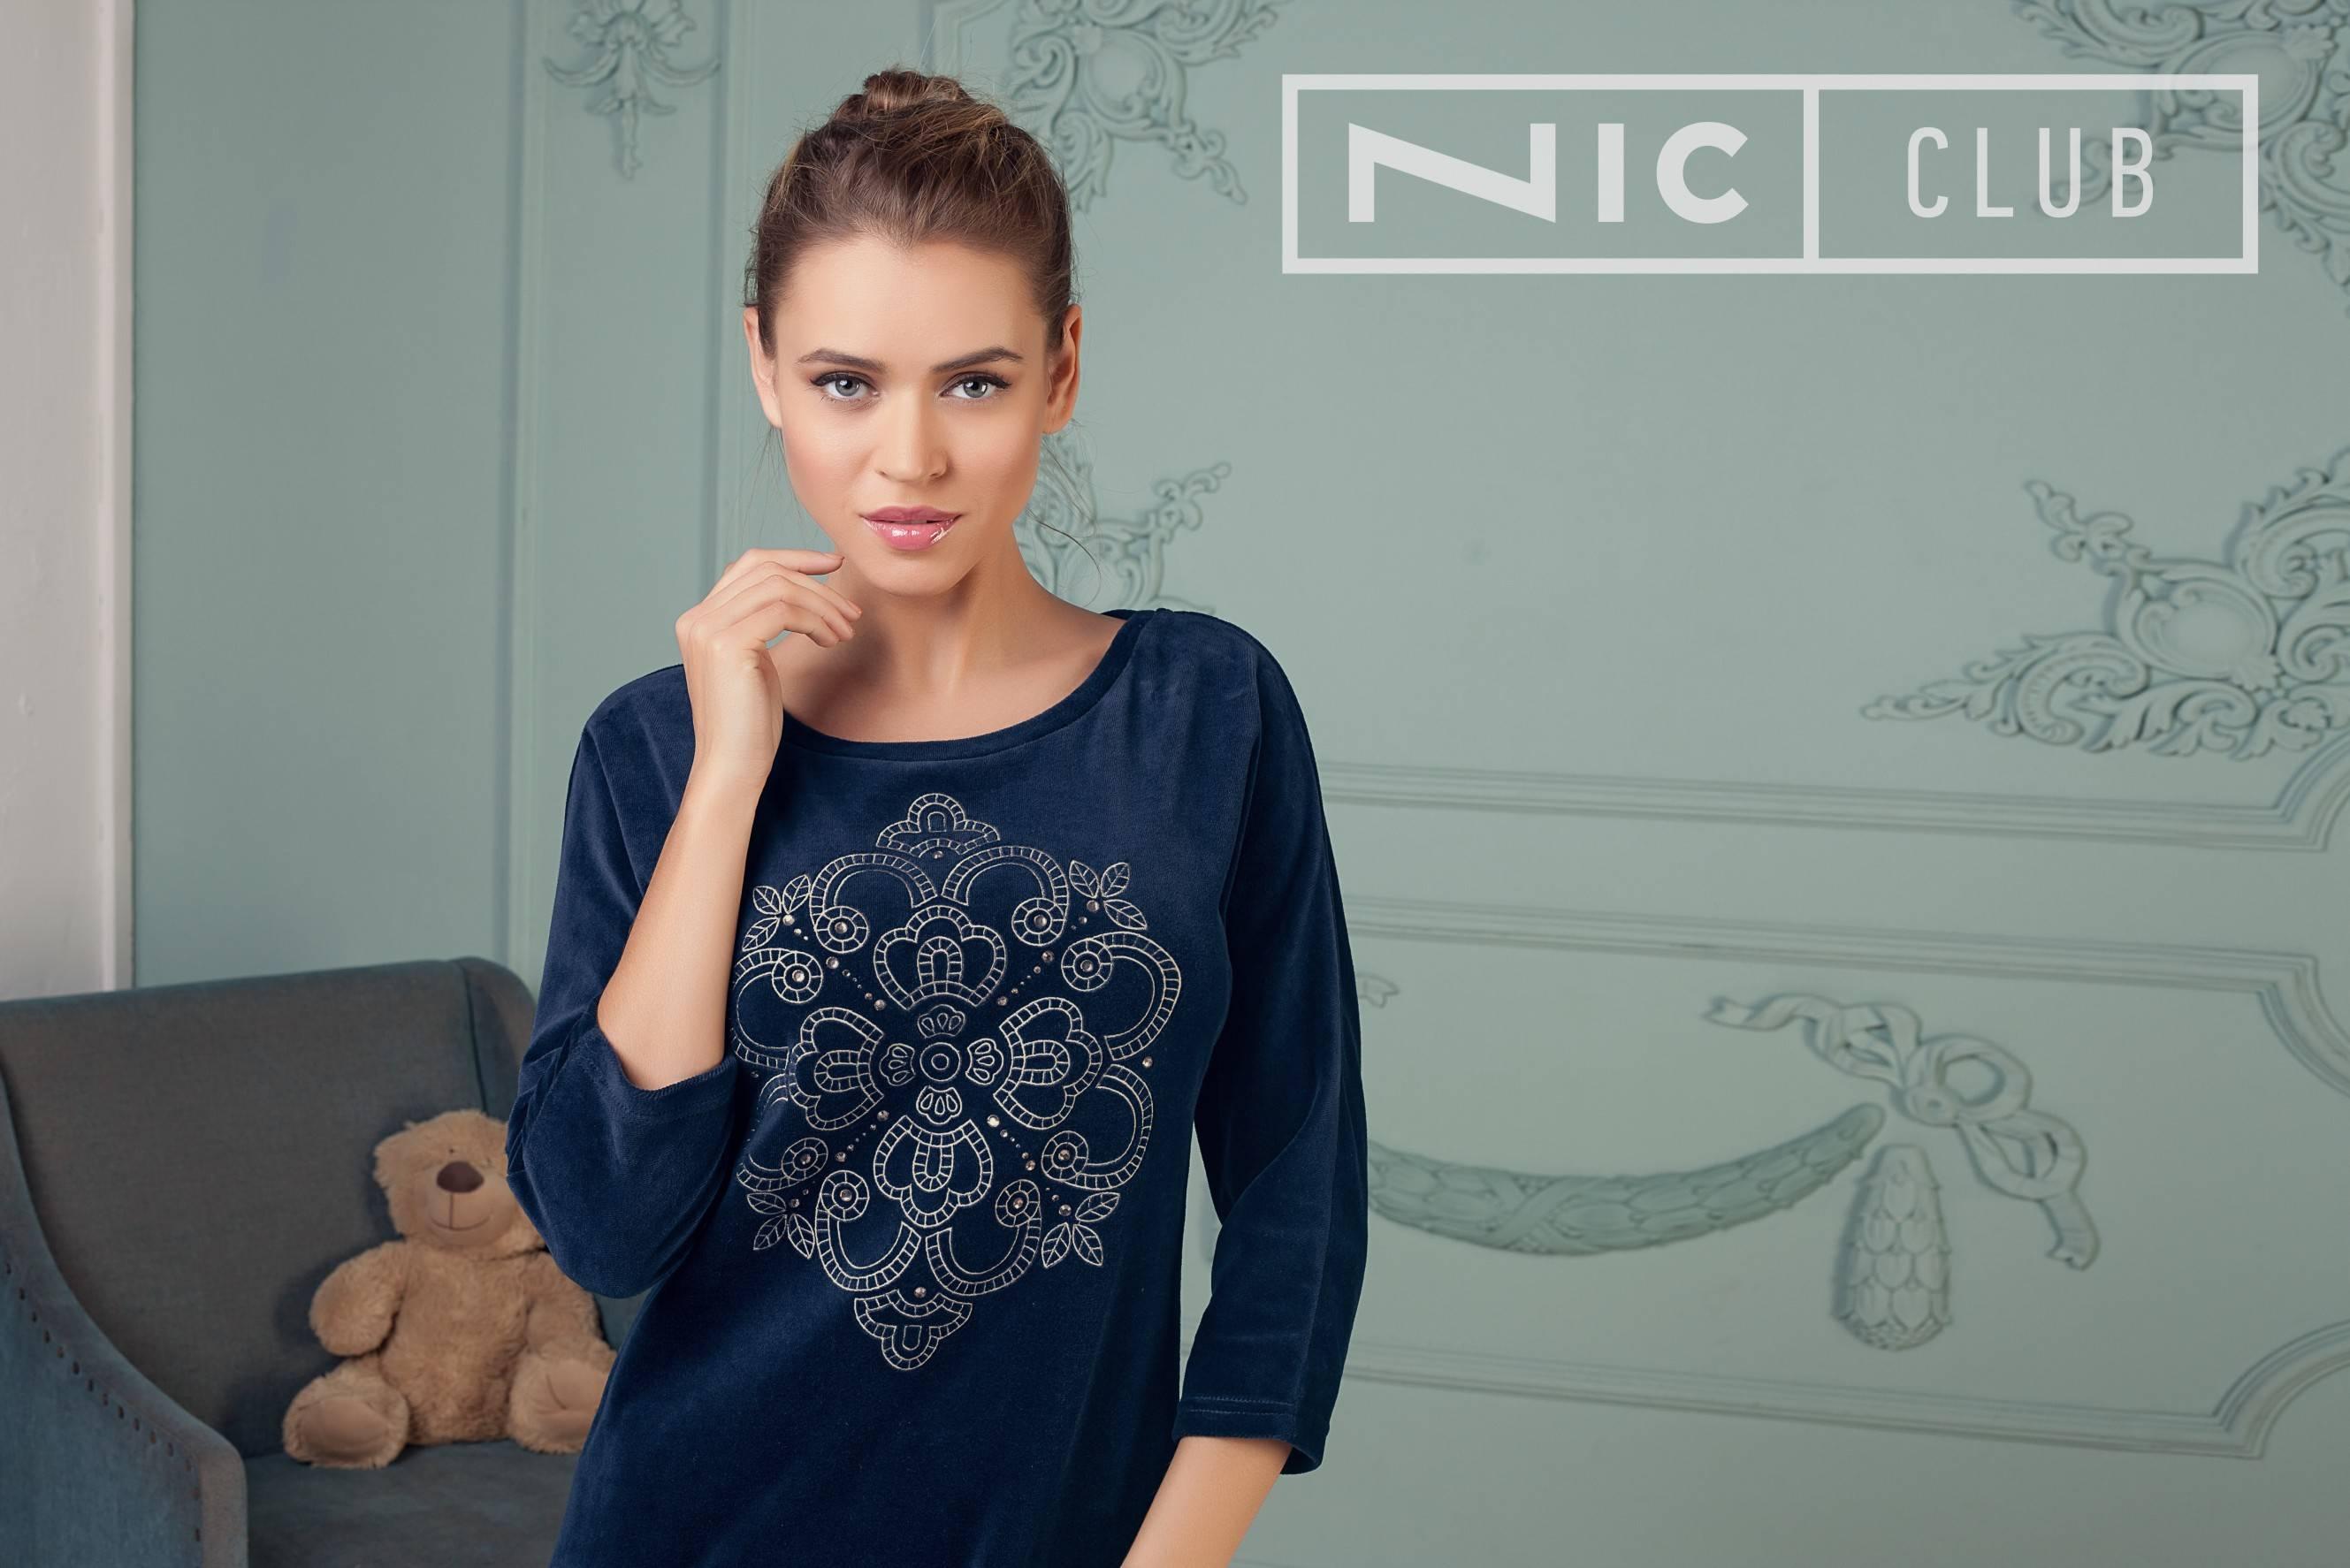 Опт Клуб Интернет Магазин Одежды Украина